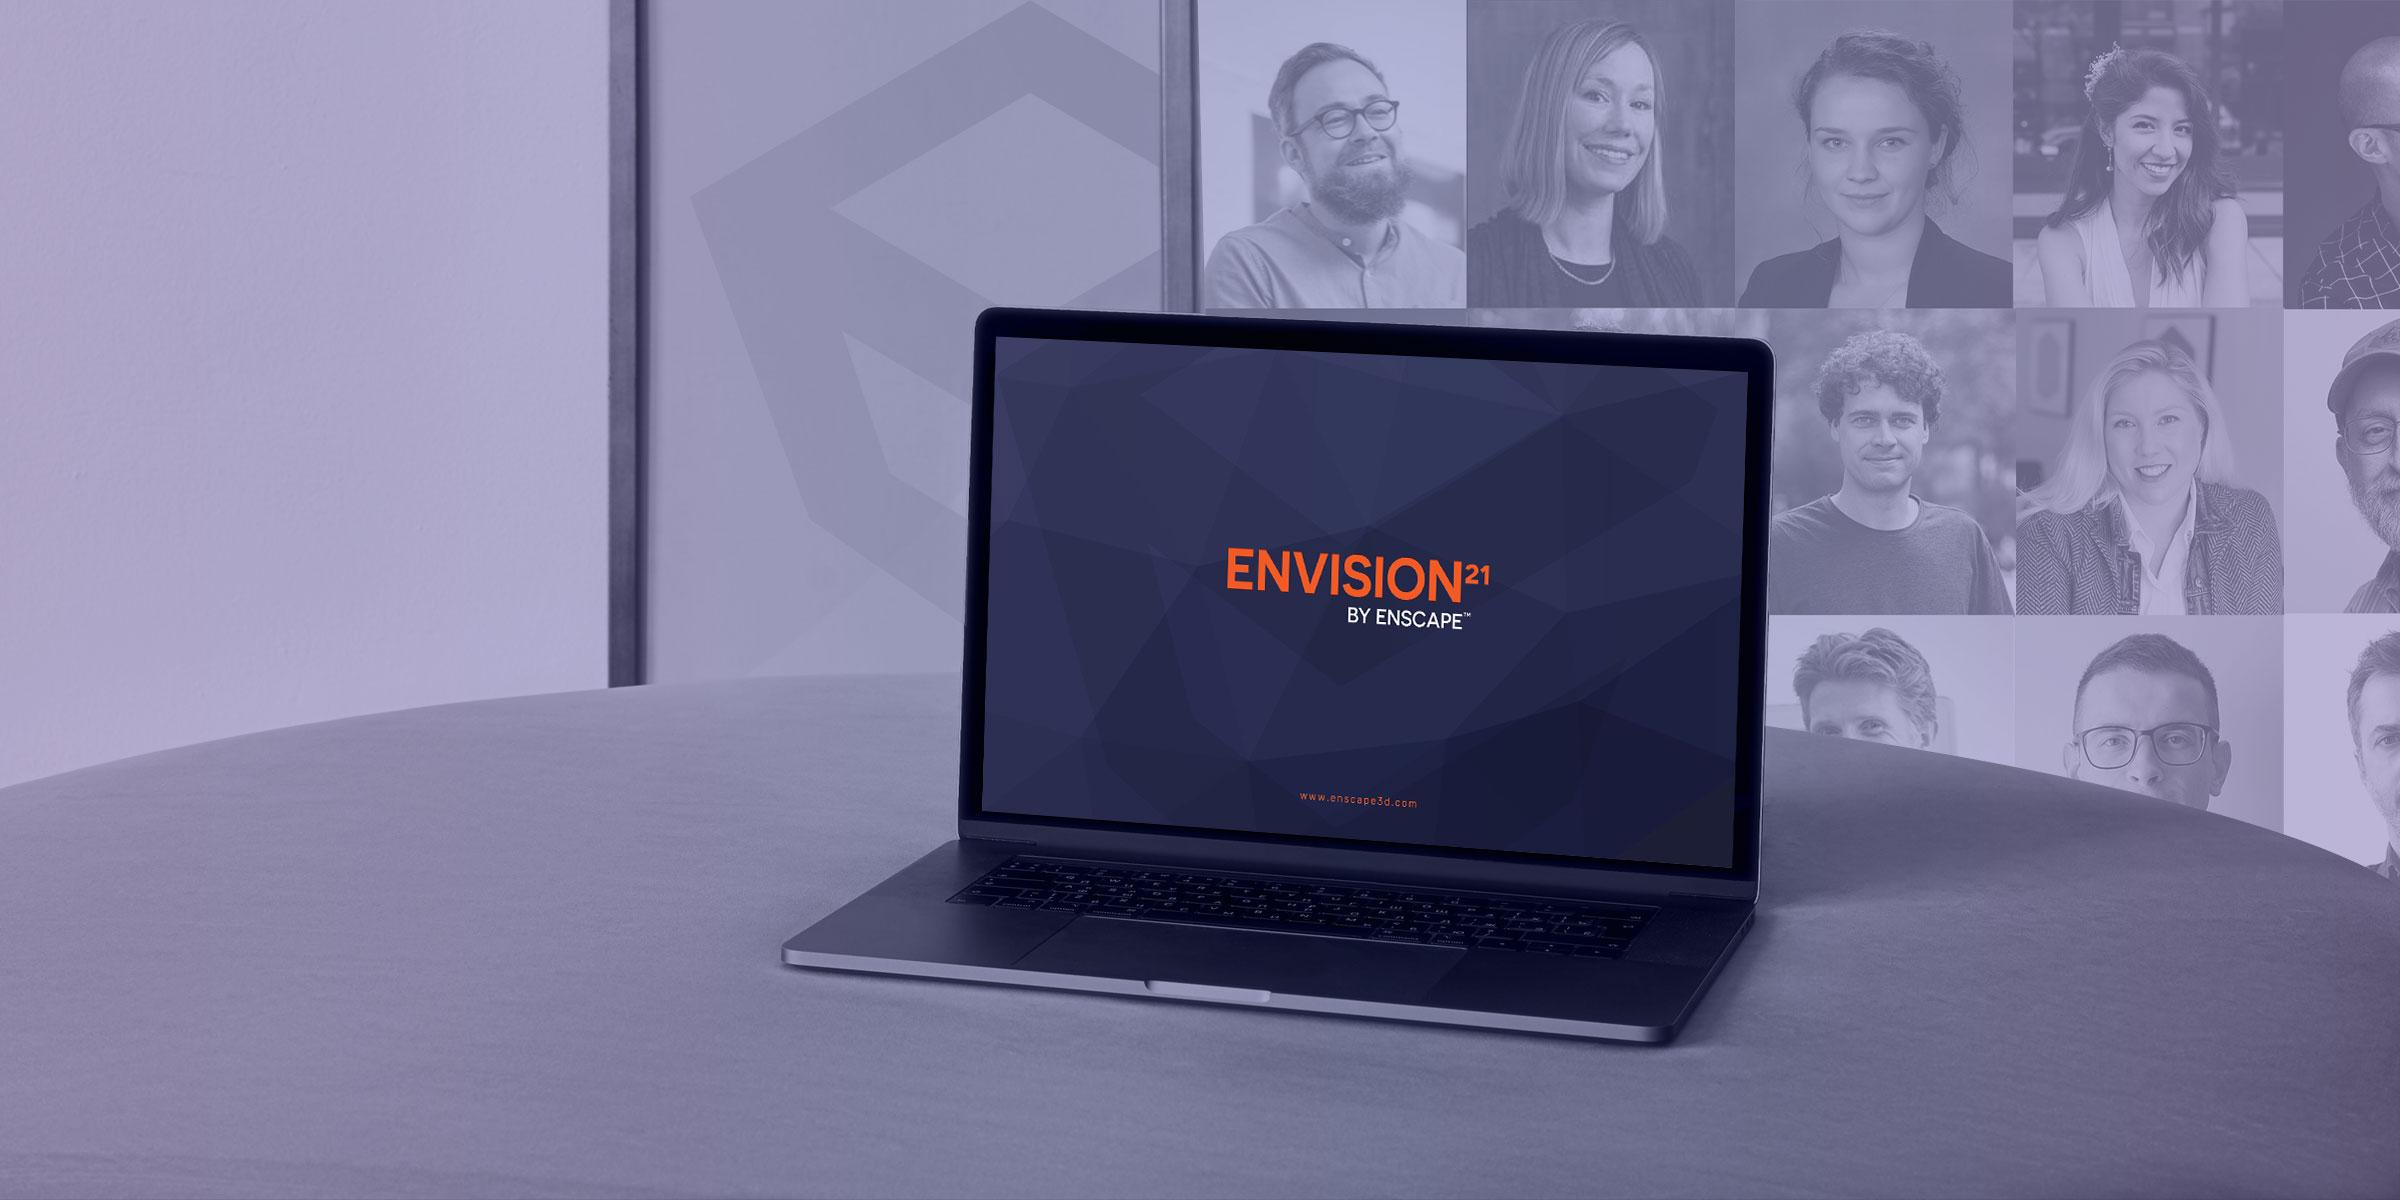 ENVISION 21 Enscape Event